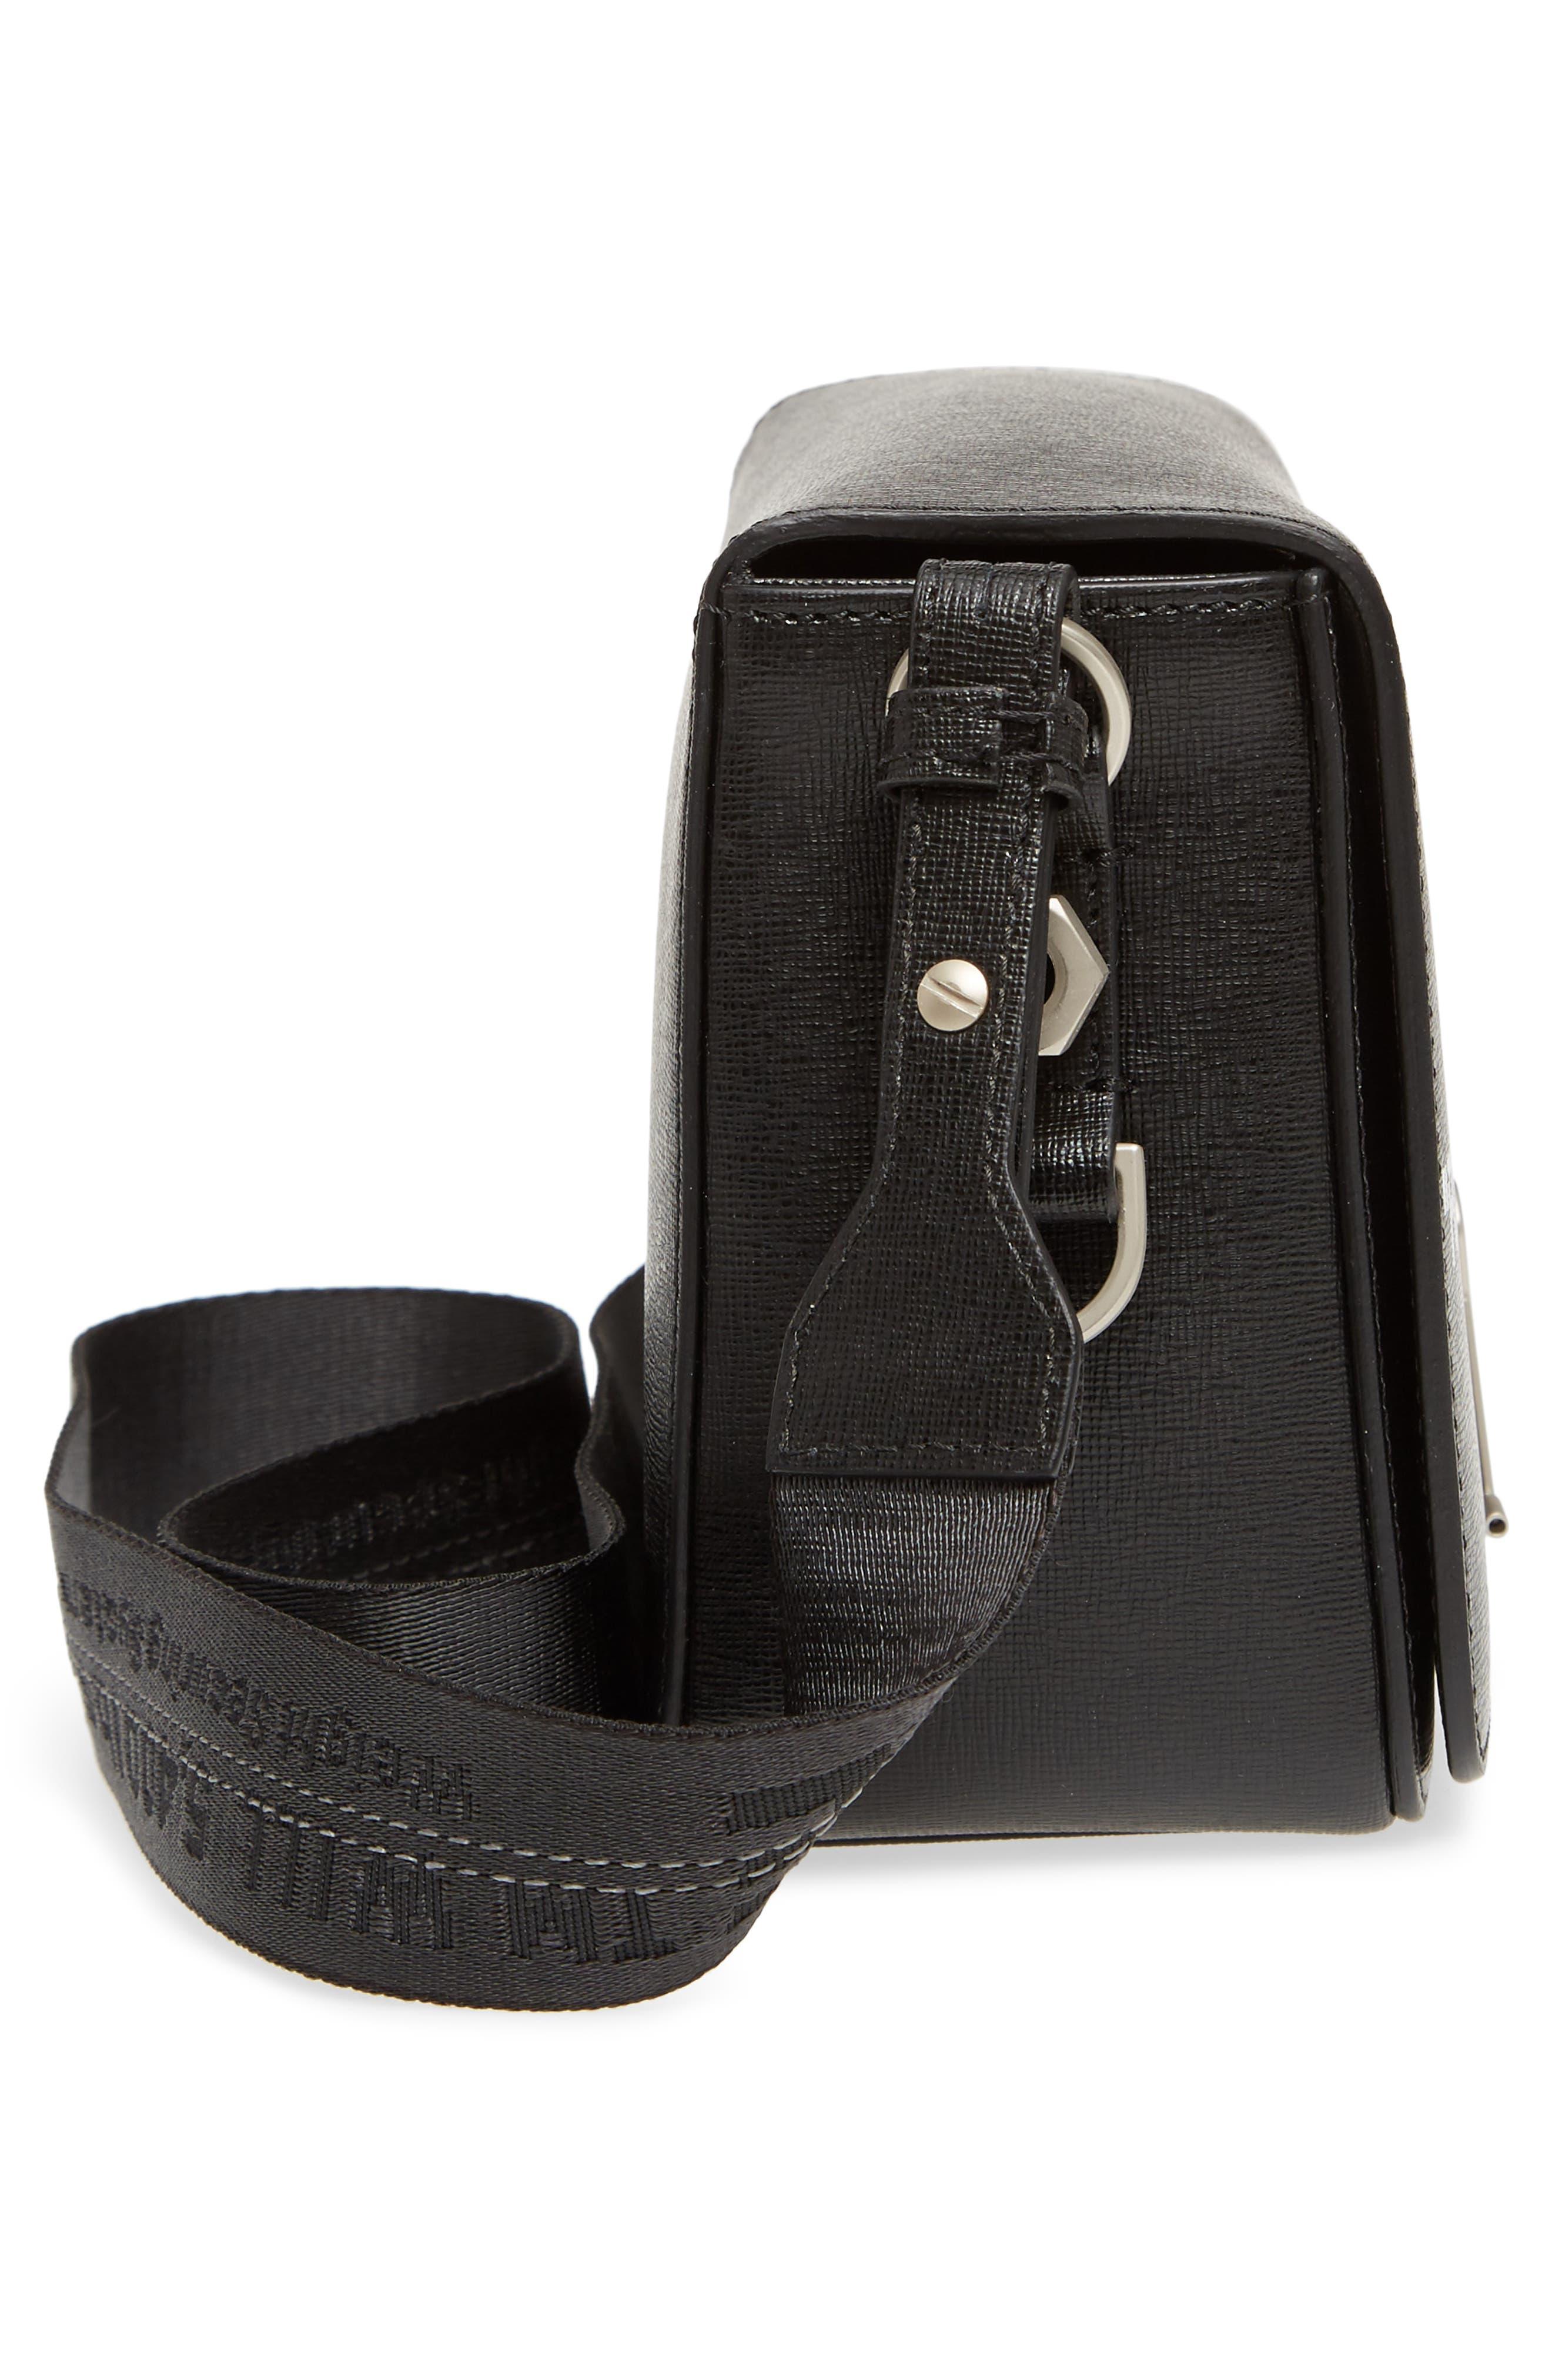 Virgil Was Here Binder Clip Leather Shoulder Bag,                             Alternate thumbnail 6, color,                             Black White